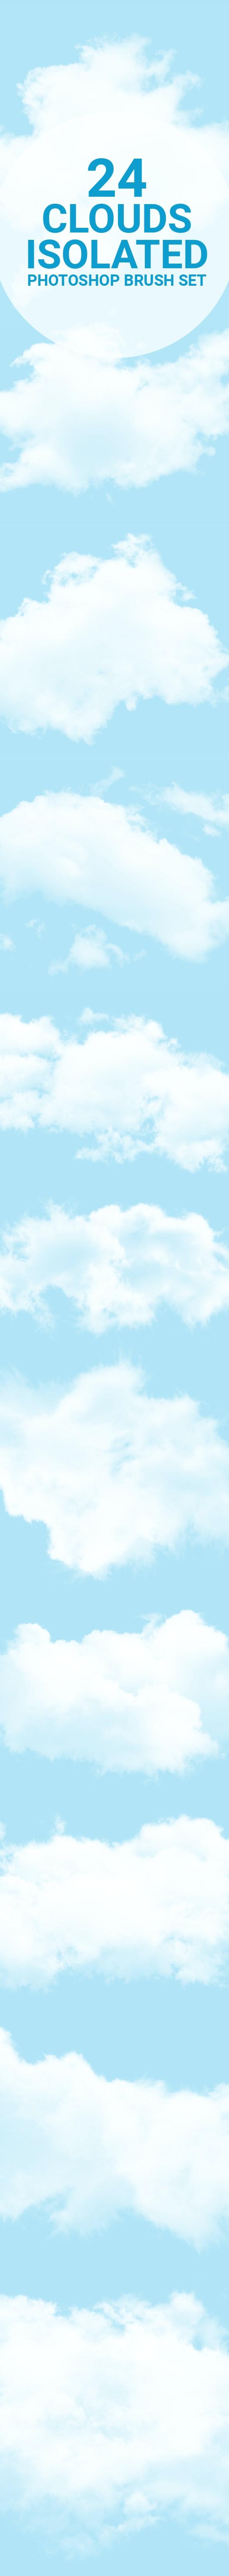 独立的云彩PS笔刷